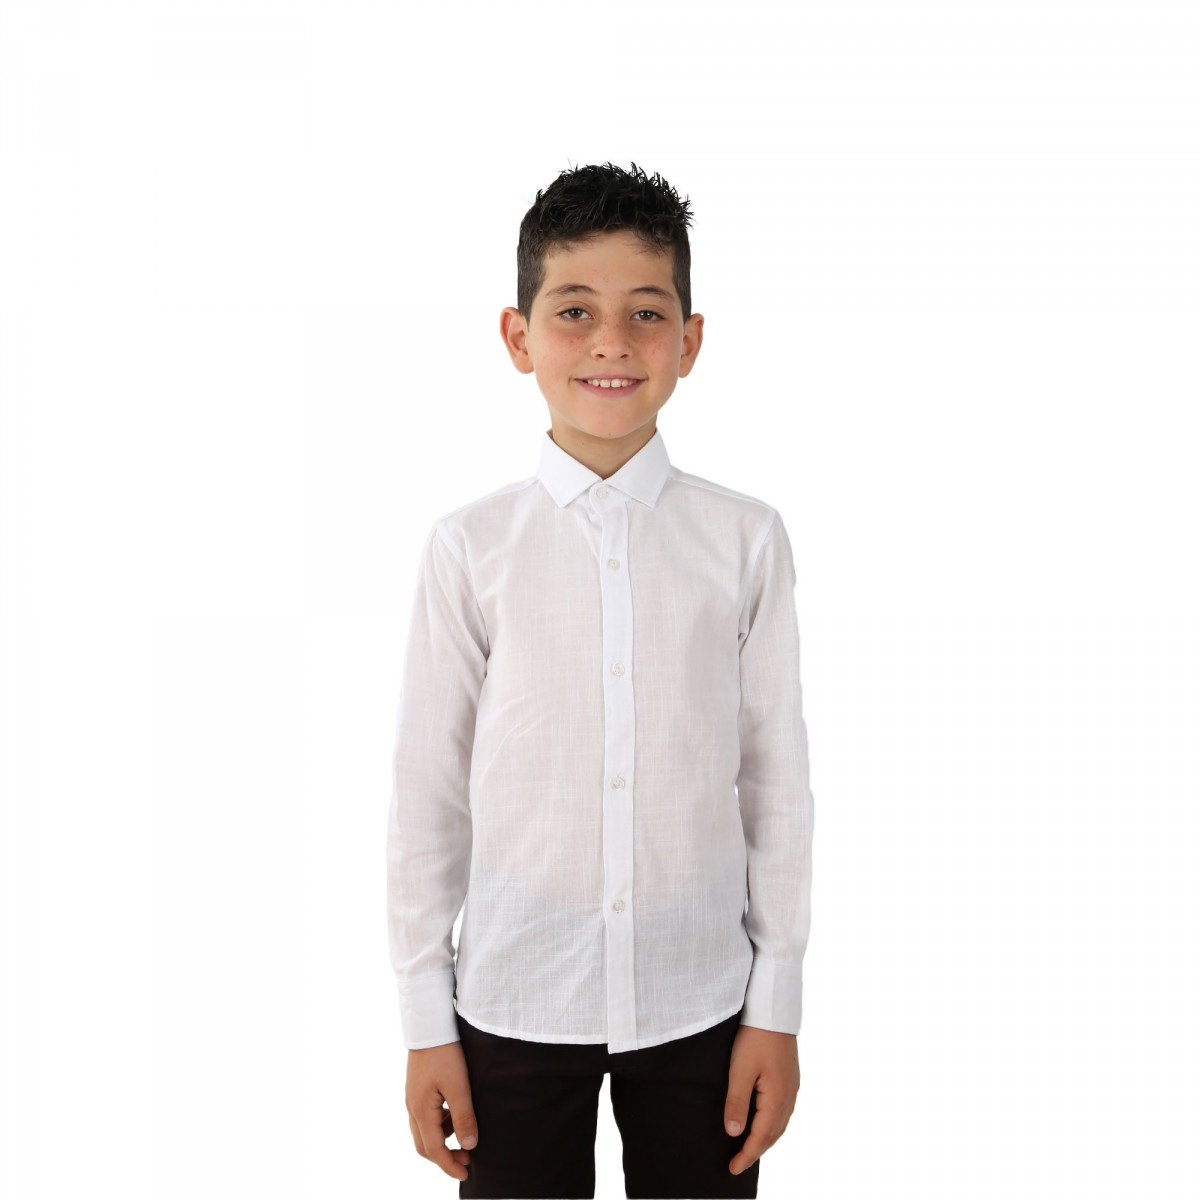 Boys White Linen Shirts, Kids Linen Roll Up Sleeve Shirts, Boy White Linen Shirt